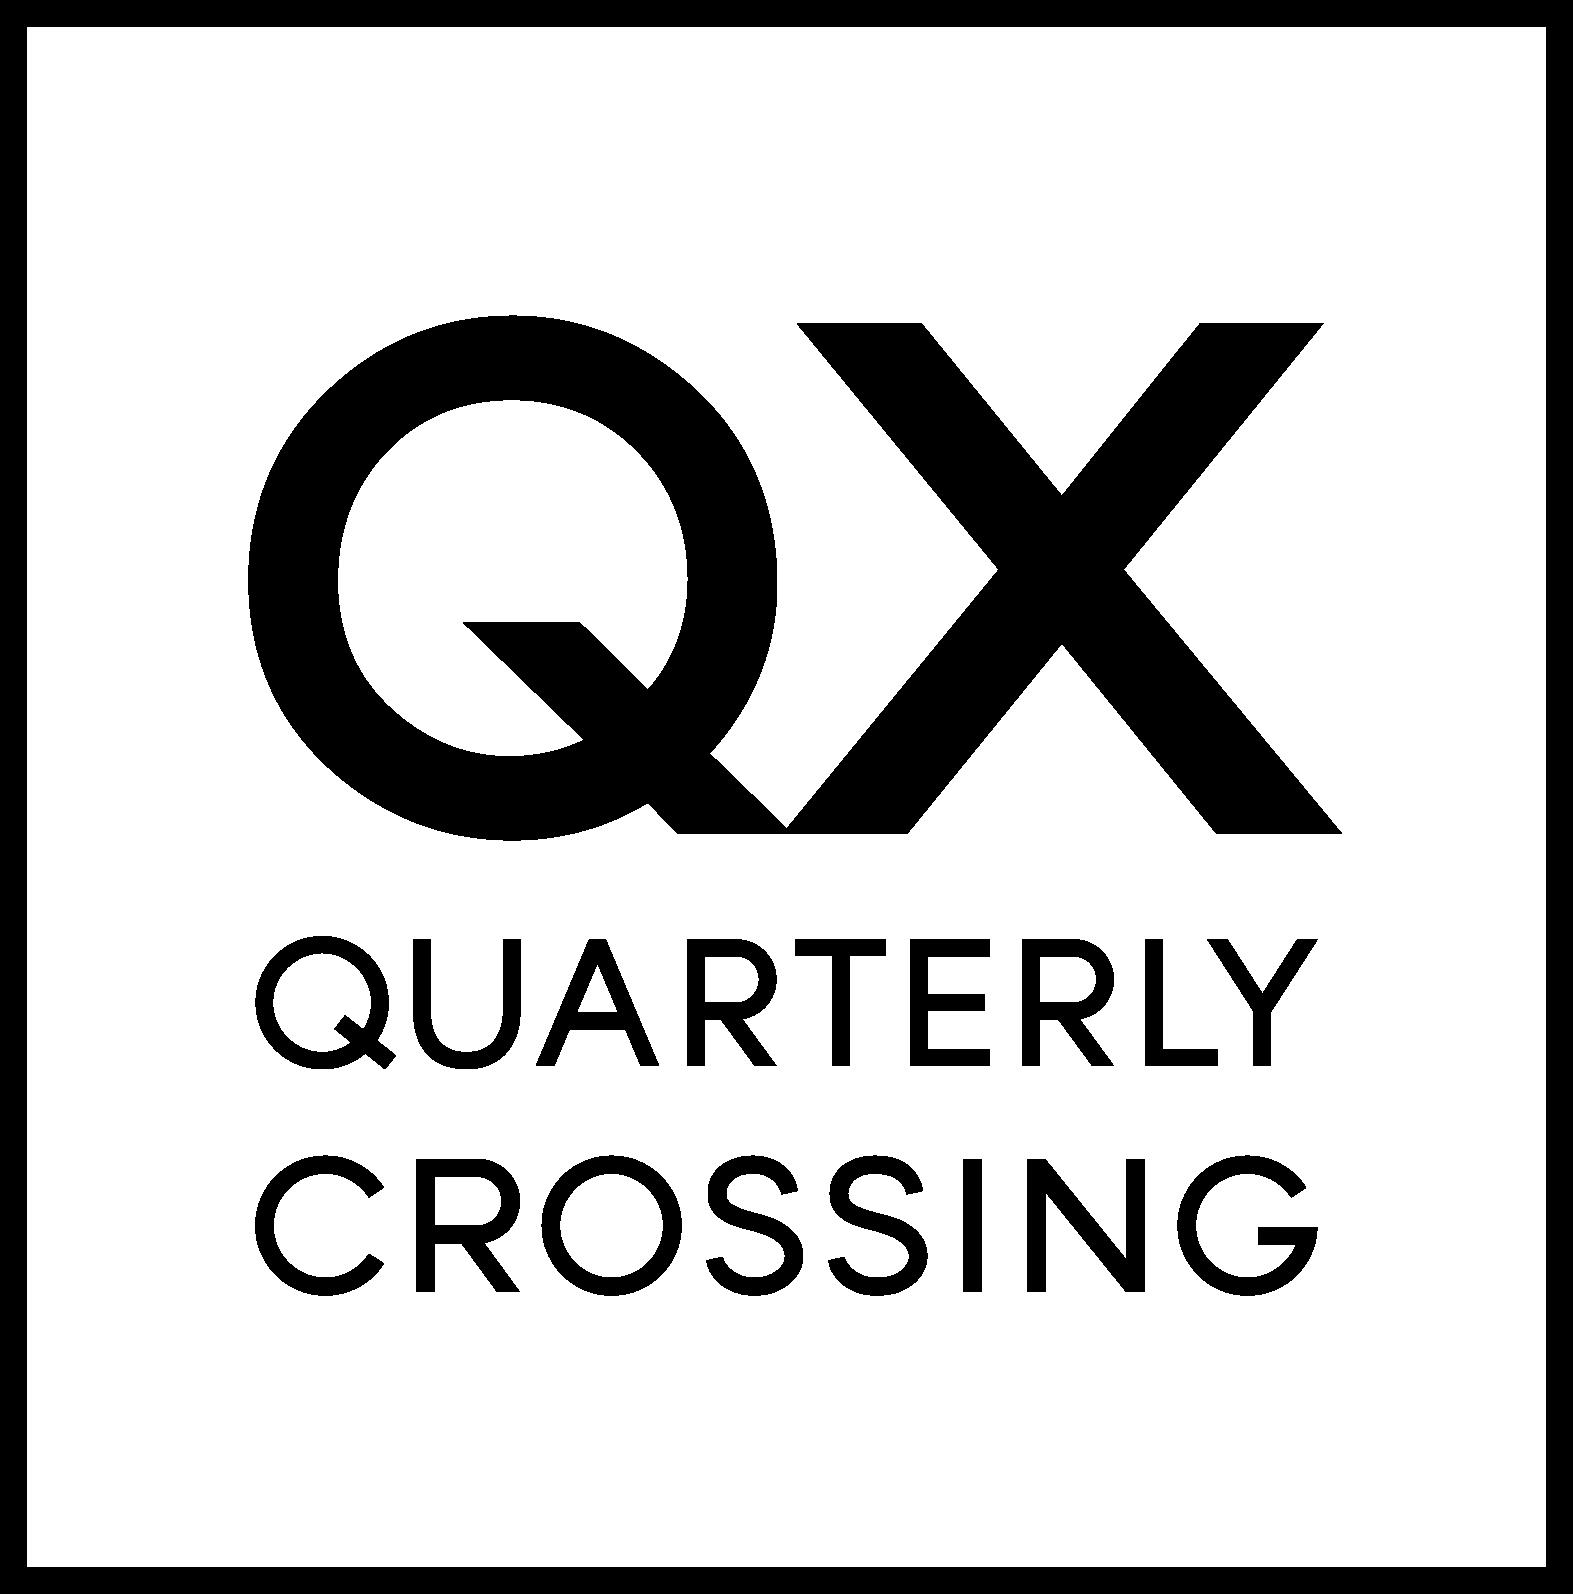 QX - Das weltweit einzigartige Exzellenz-Netzwerk erfahrener und junger Leadership-Talente